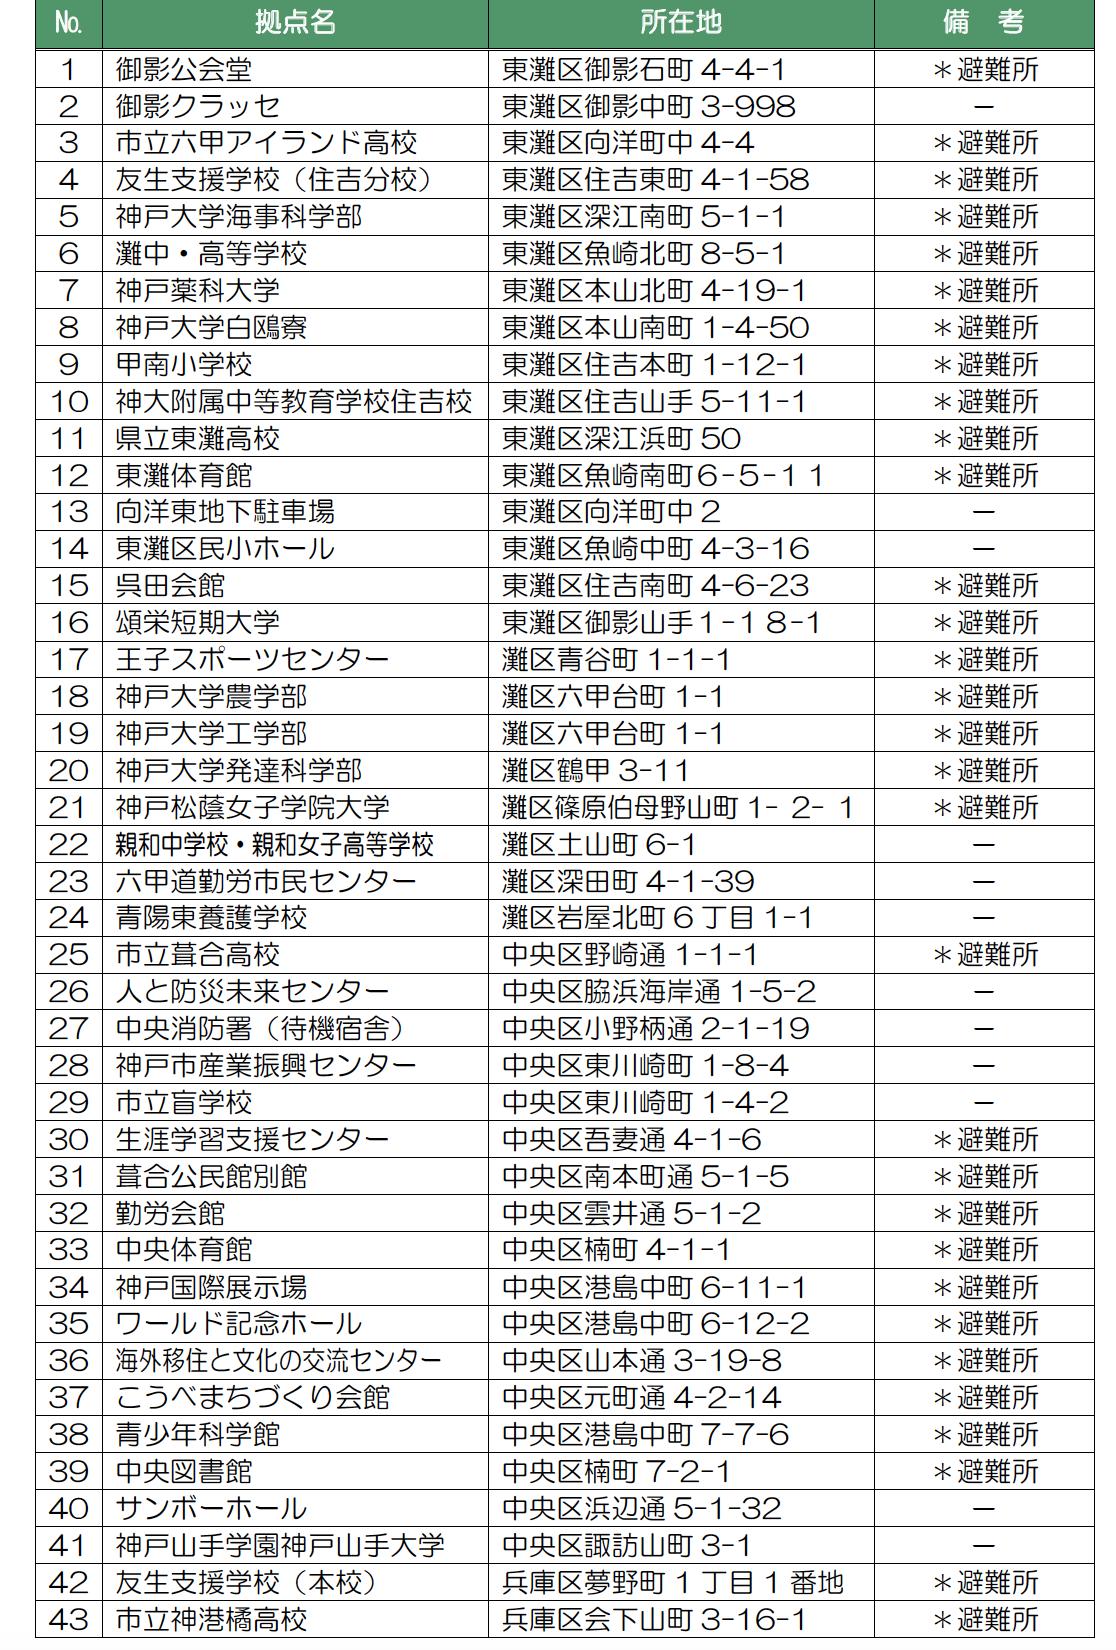 神戸市の小中学校以外に備蓄している施設一覧1